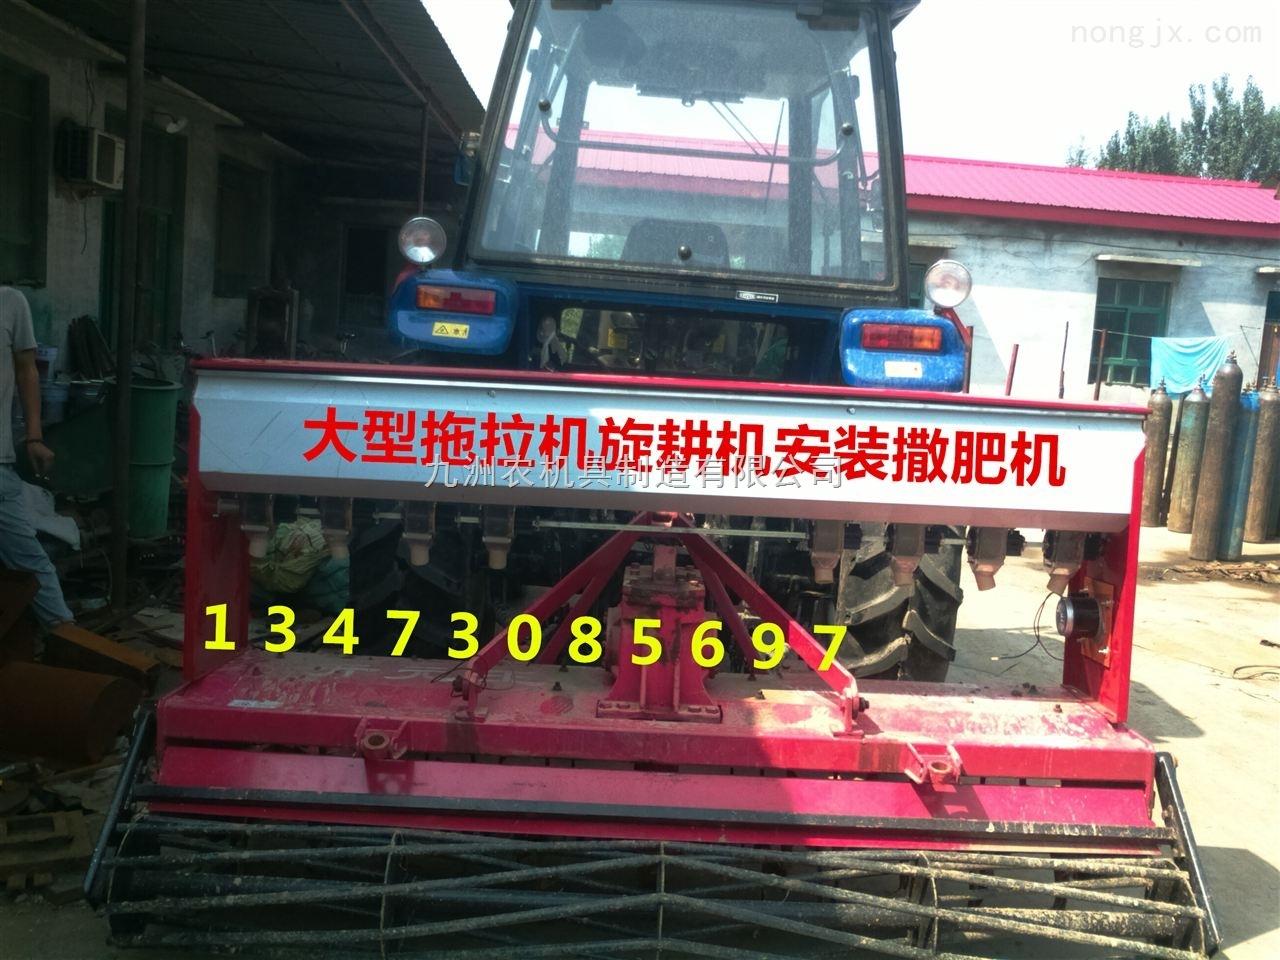 約翰迪爾拖拉機前置農用電動撒肥機 東風DFAM旋耕機的電動撒肥機